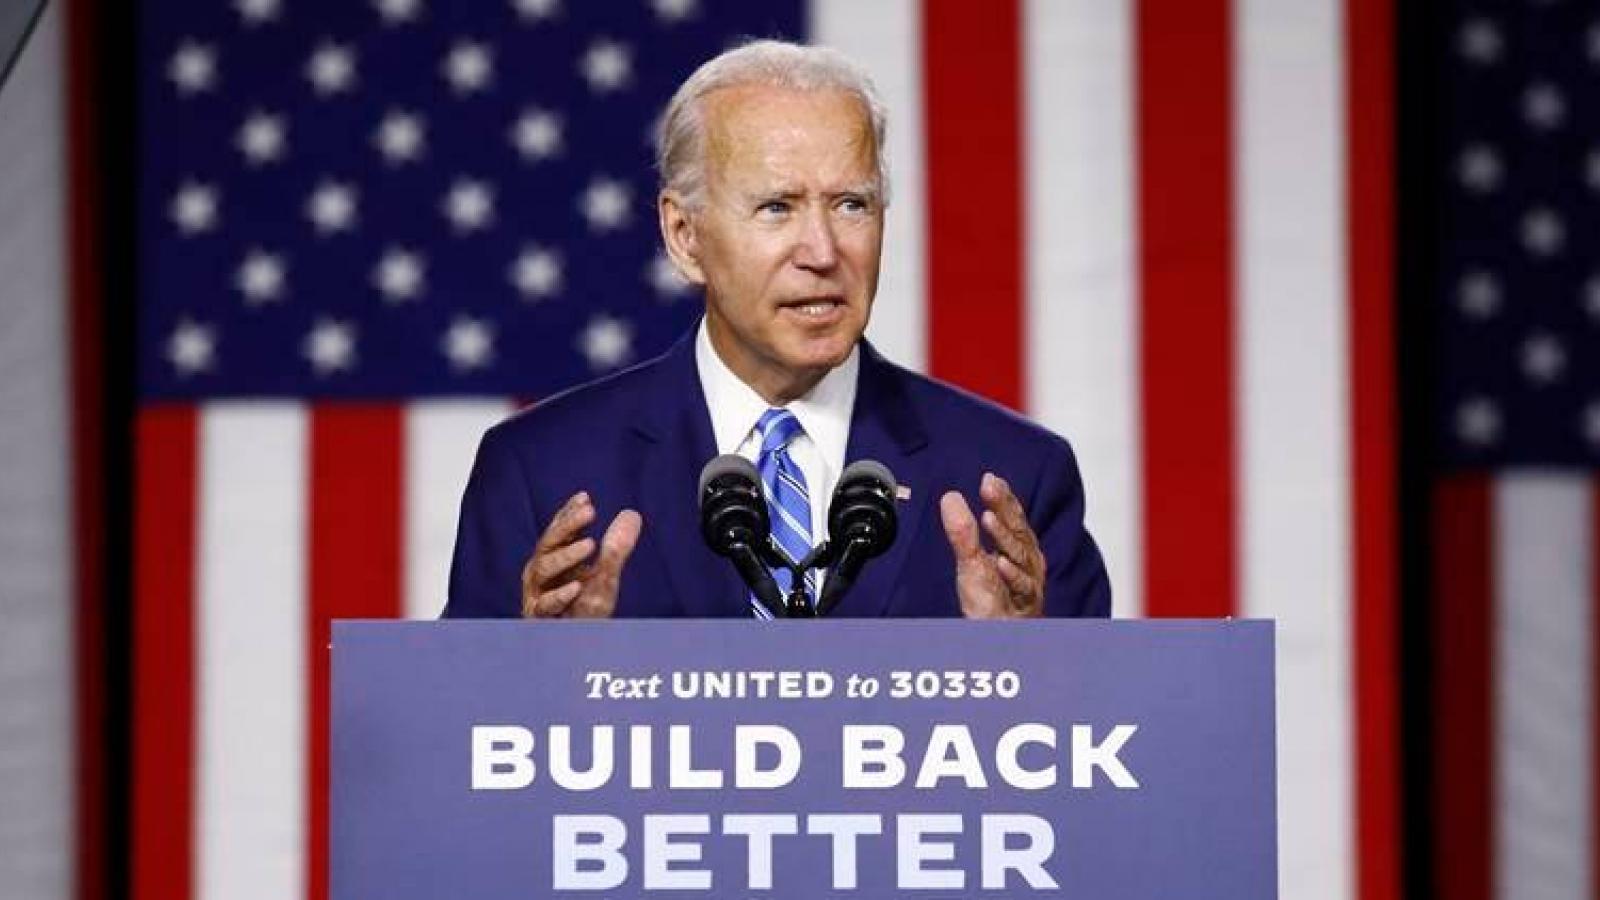 Lo EU bắt tay Trung Quốc, Tổng thống đắc cử Joe Biden kêu gọi liên minh mạnh mẽ hơn